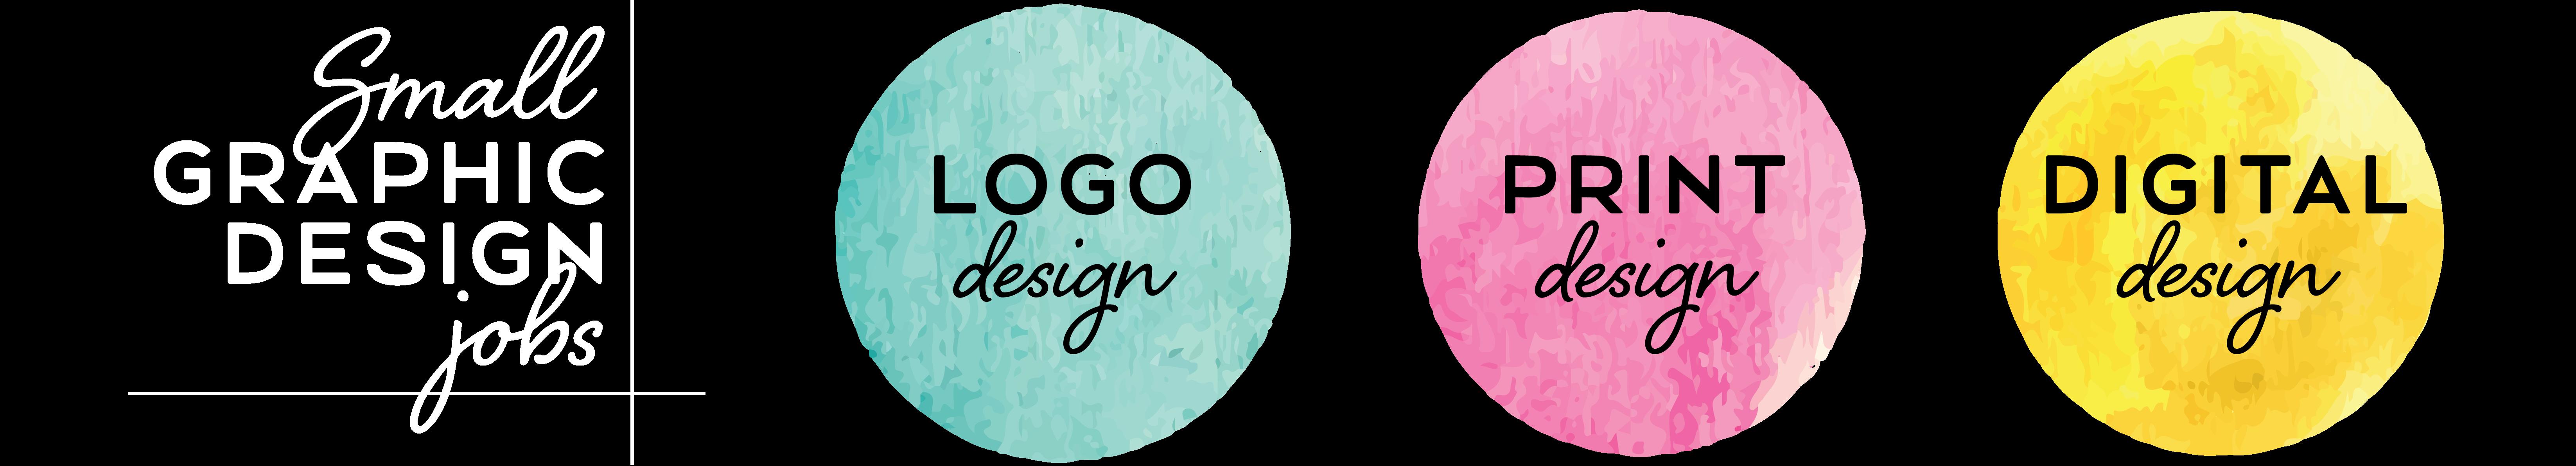 Small Graphic Design Jobs